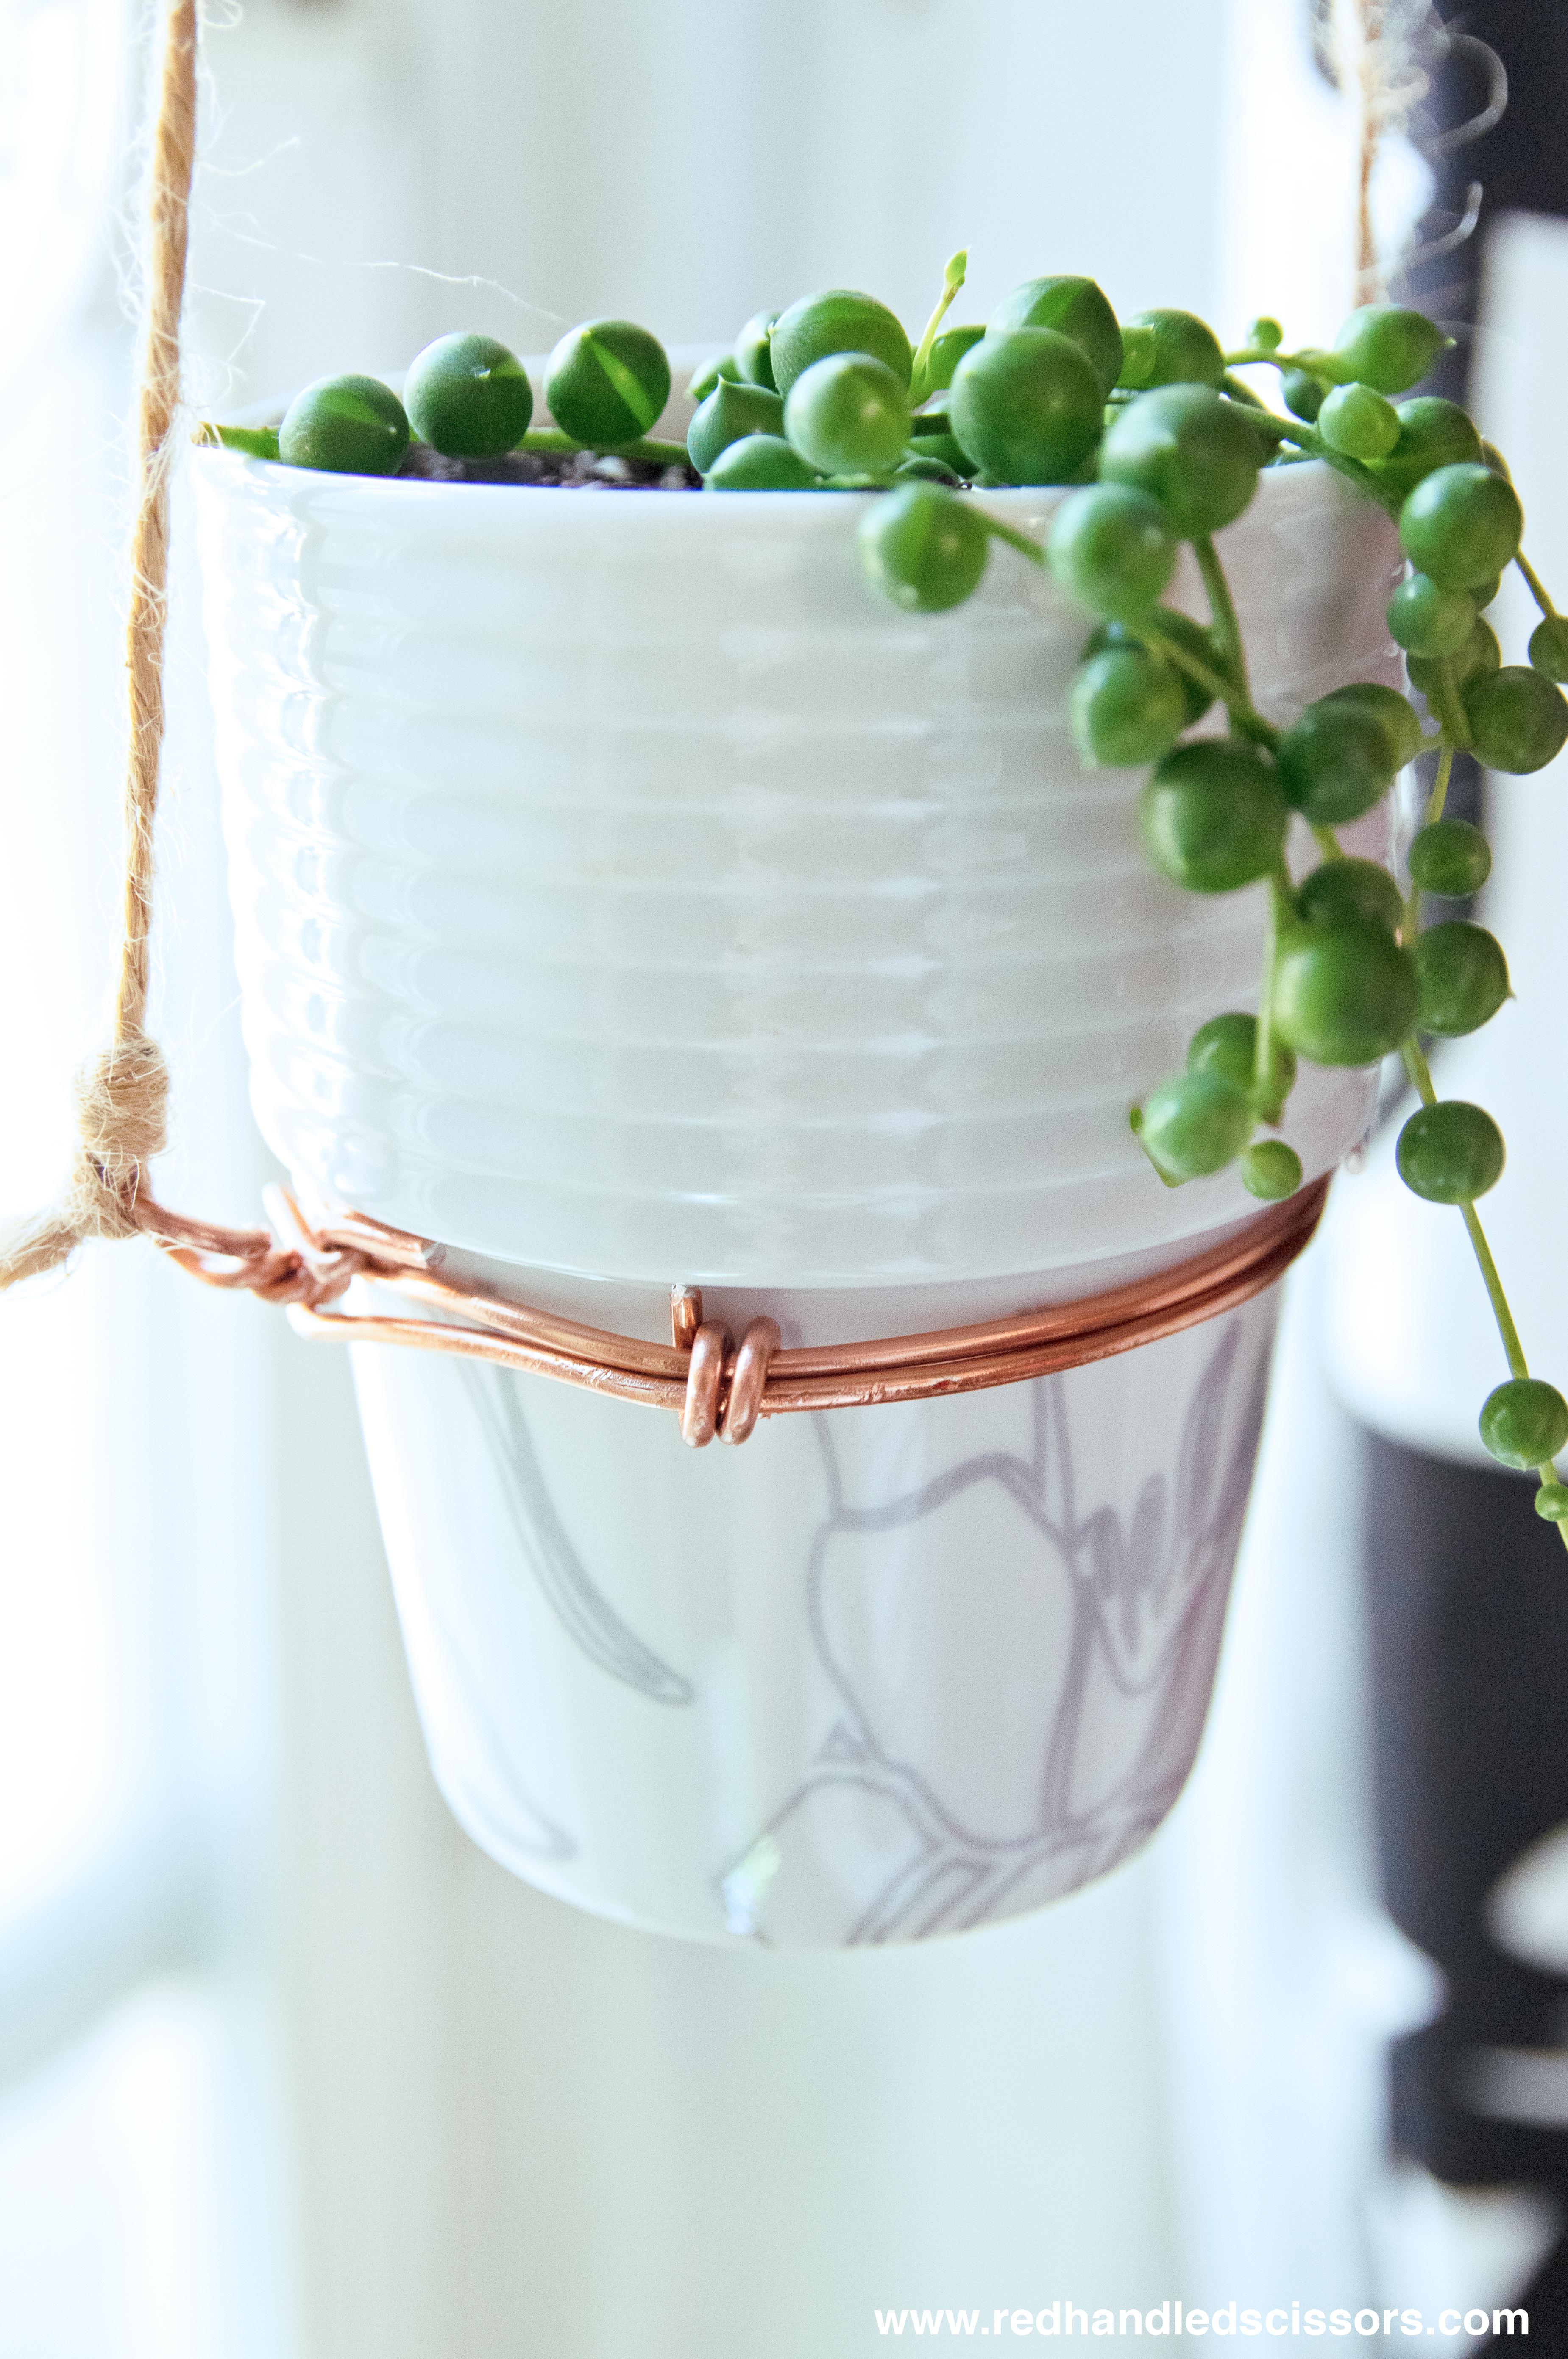 Tutorial Diy Modern Hanging Planter